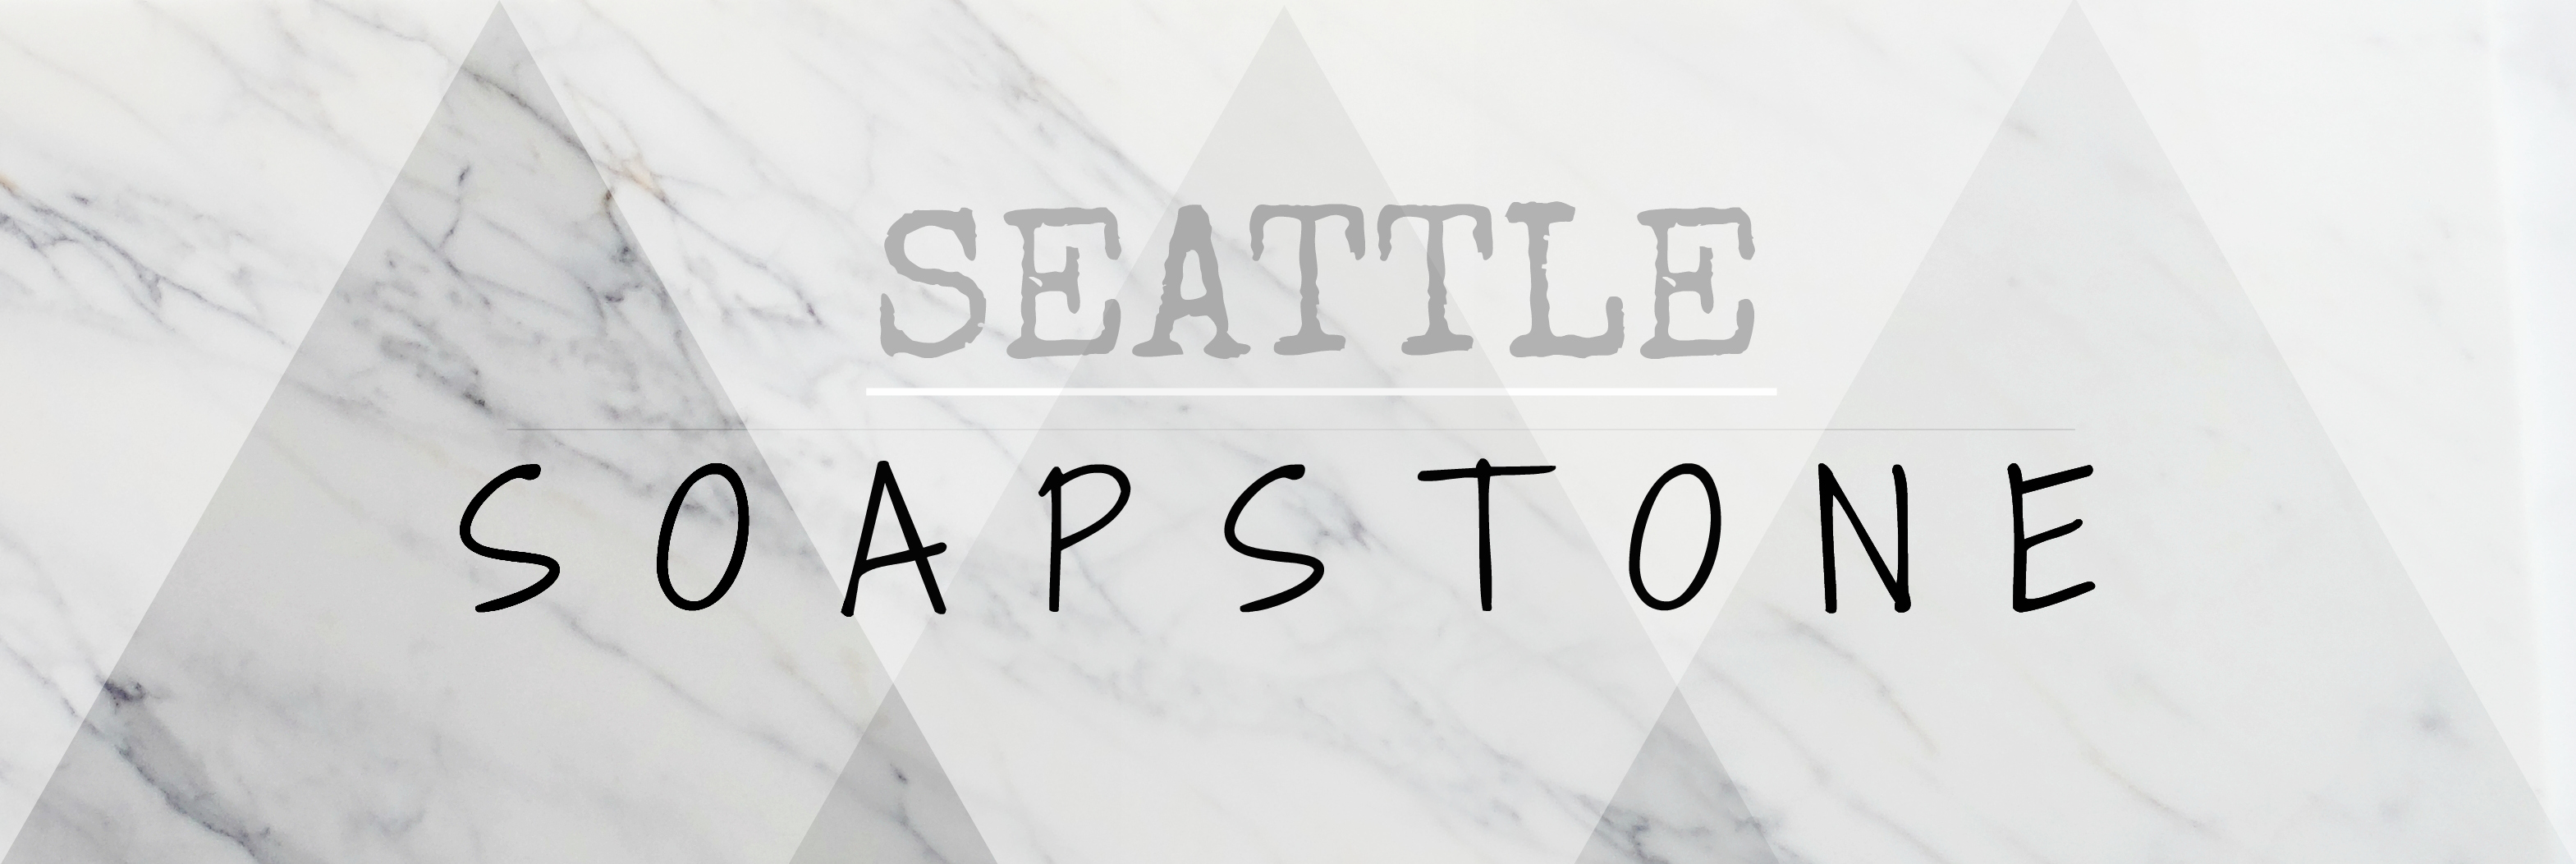 SEATTLE SOAPSTONE